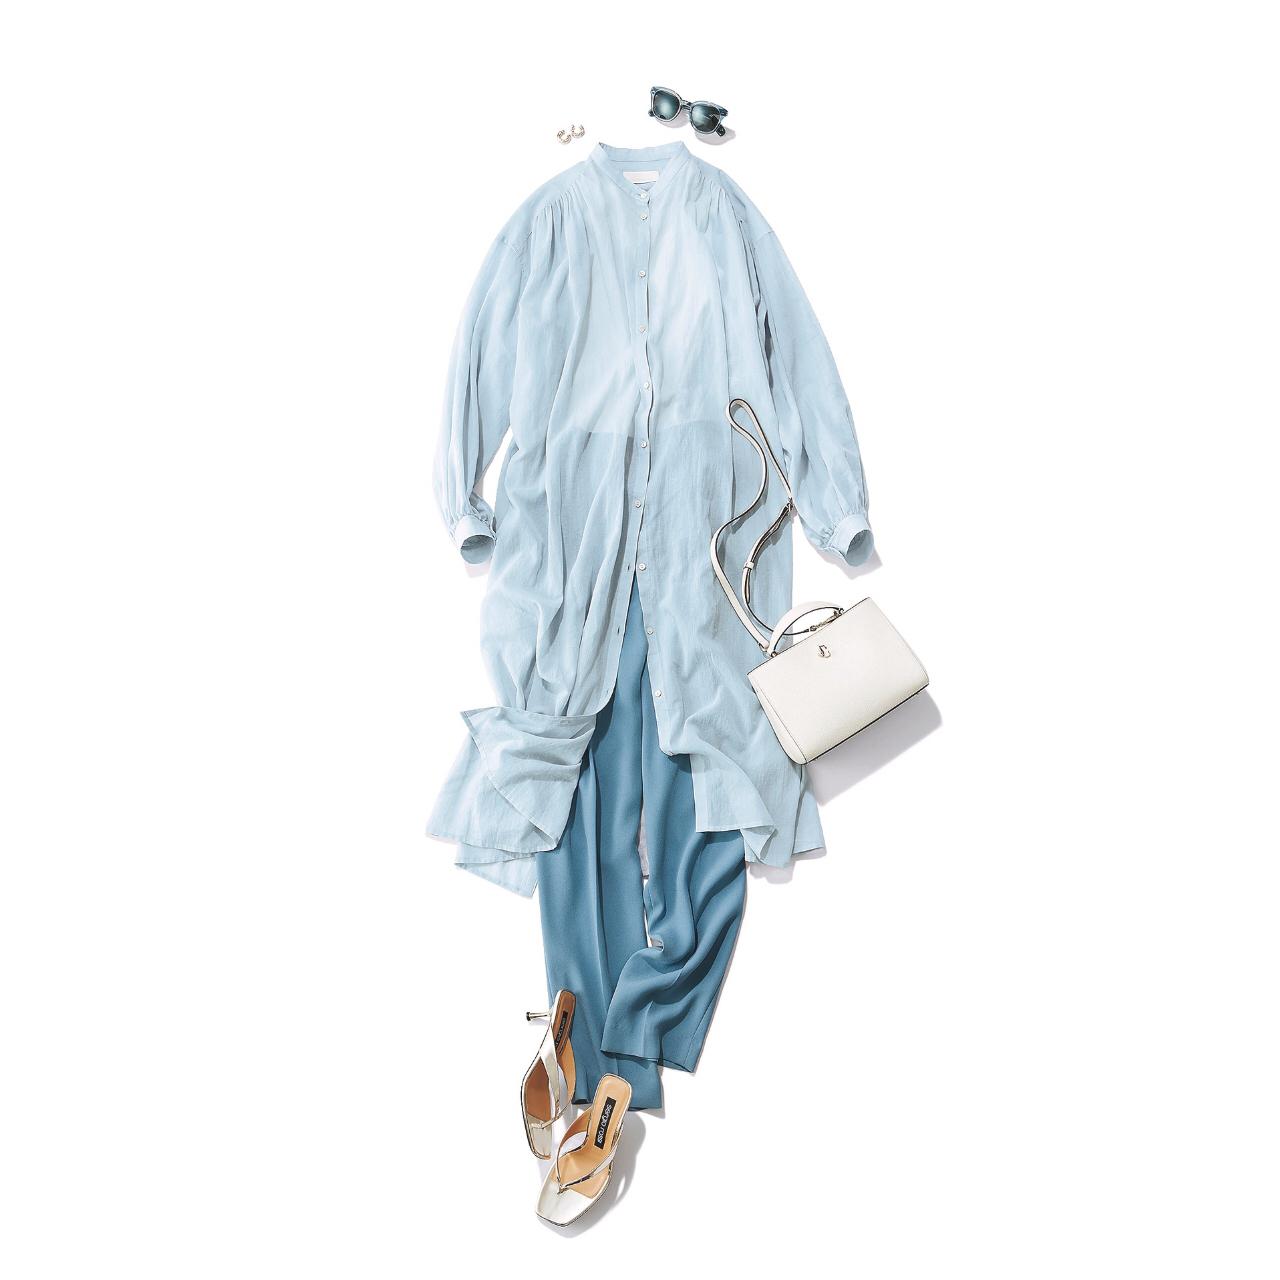 【夏に映えるブルーコーデまとめ】アラフォーが上品かつこなれて見えるコーデのポイントとは? |40代ファッション_1_8